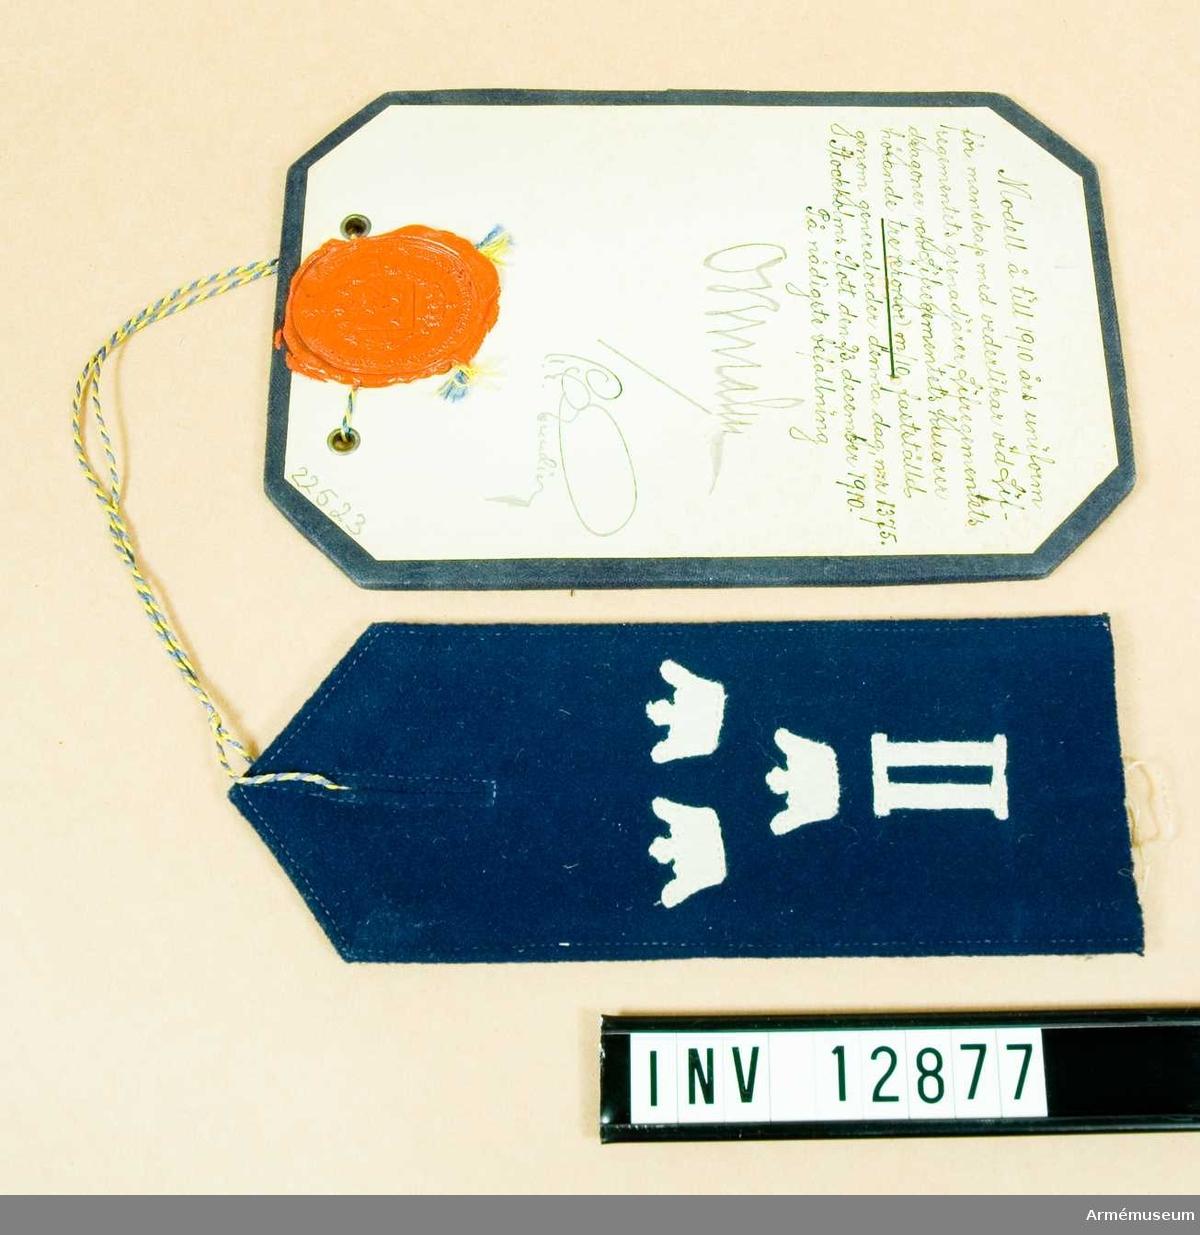 Grupp C I. Modell på till 1910 års uniform för manskap med vederlikar vid Livregementets grenadjärer, Livregementets dragoner och livregementets husarer hörande tre kronor m/1910. Deposition från Arméförvaltningens Intendenturdep., modellkammaren.